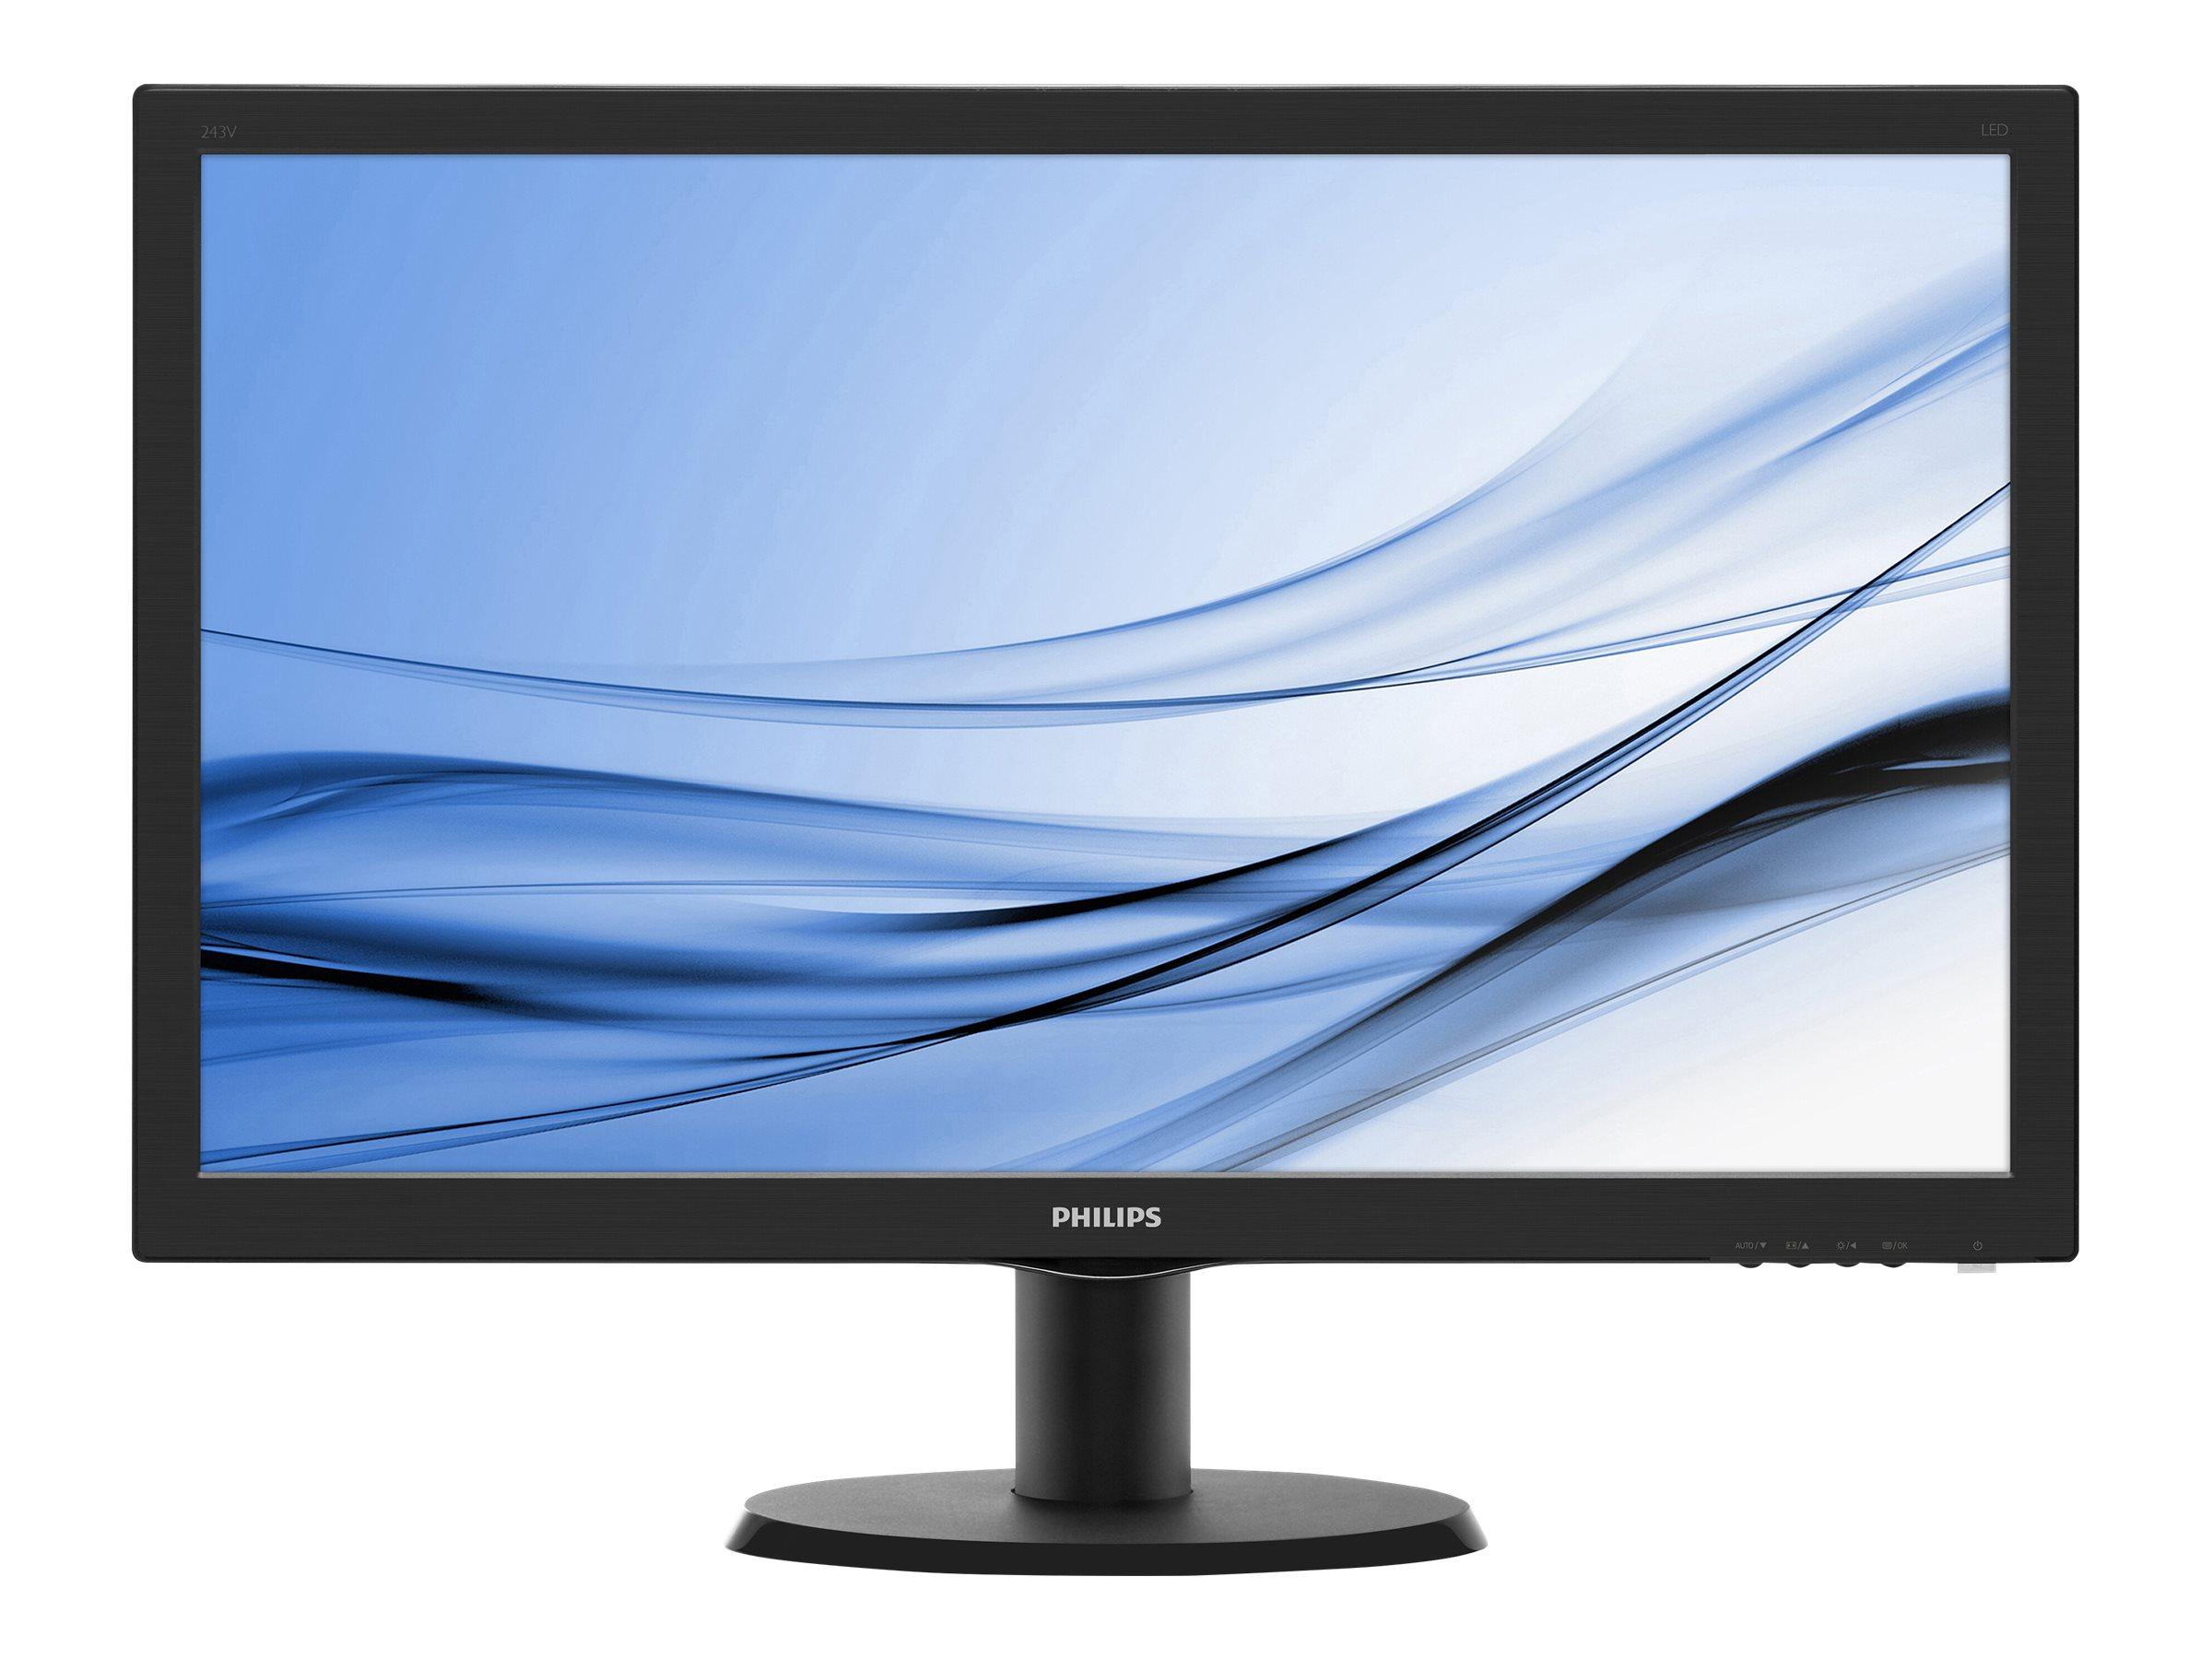 Philips V-line 223V5LSB - LED-Monitor - 54.6 cm (21.5